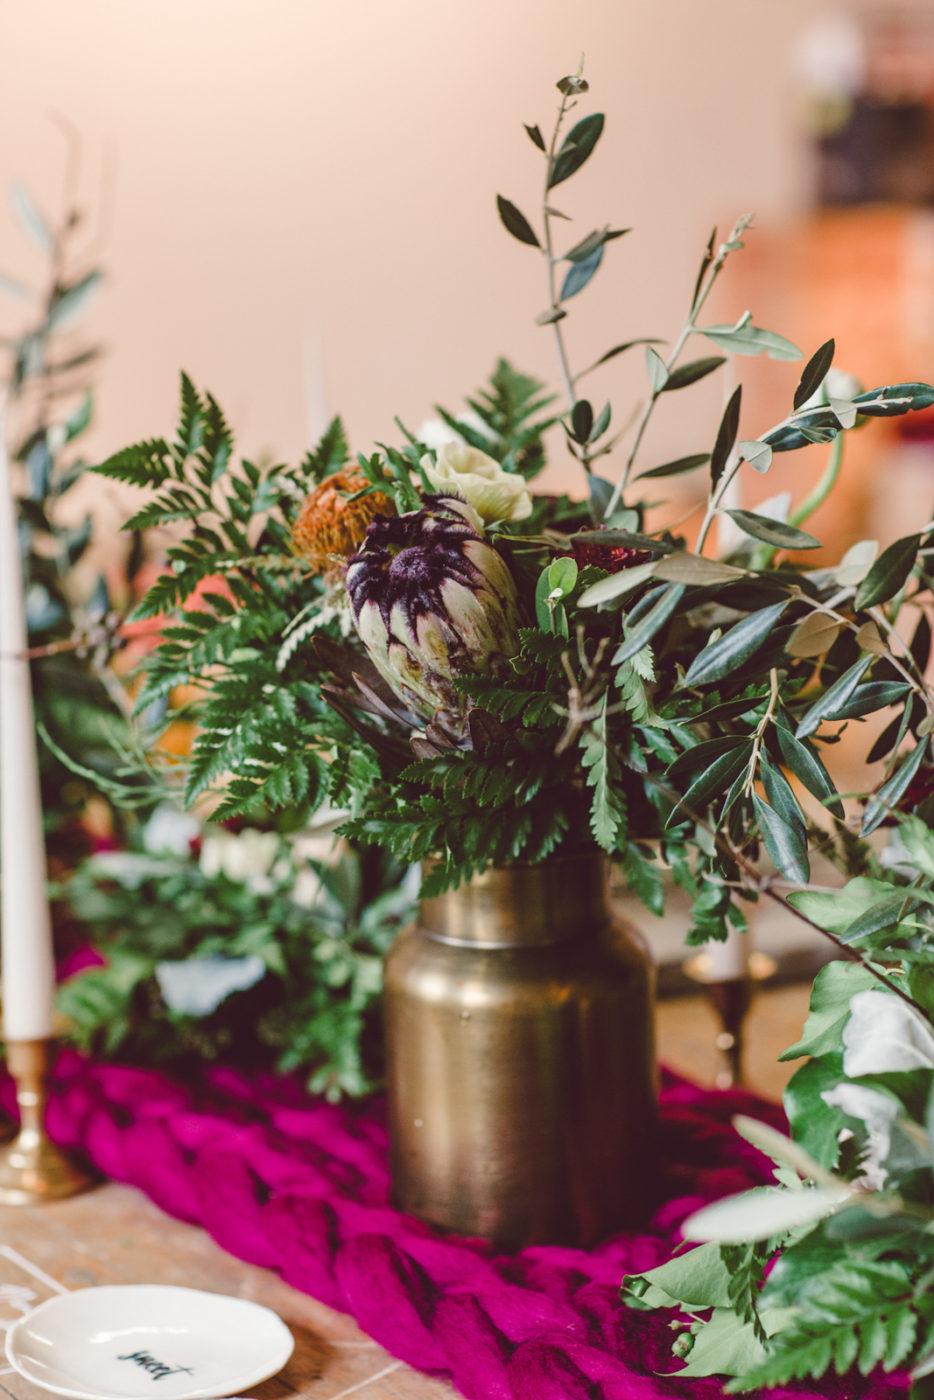 Bröllop+dekoration